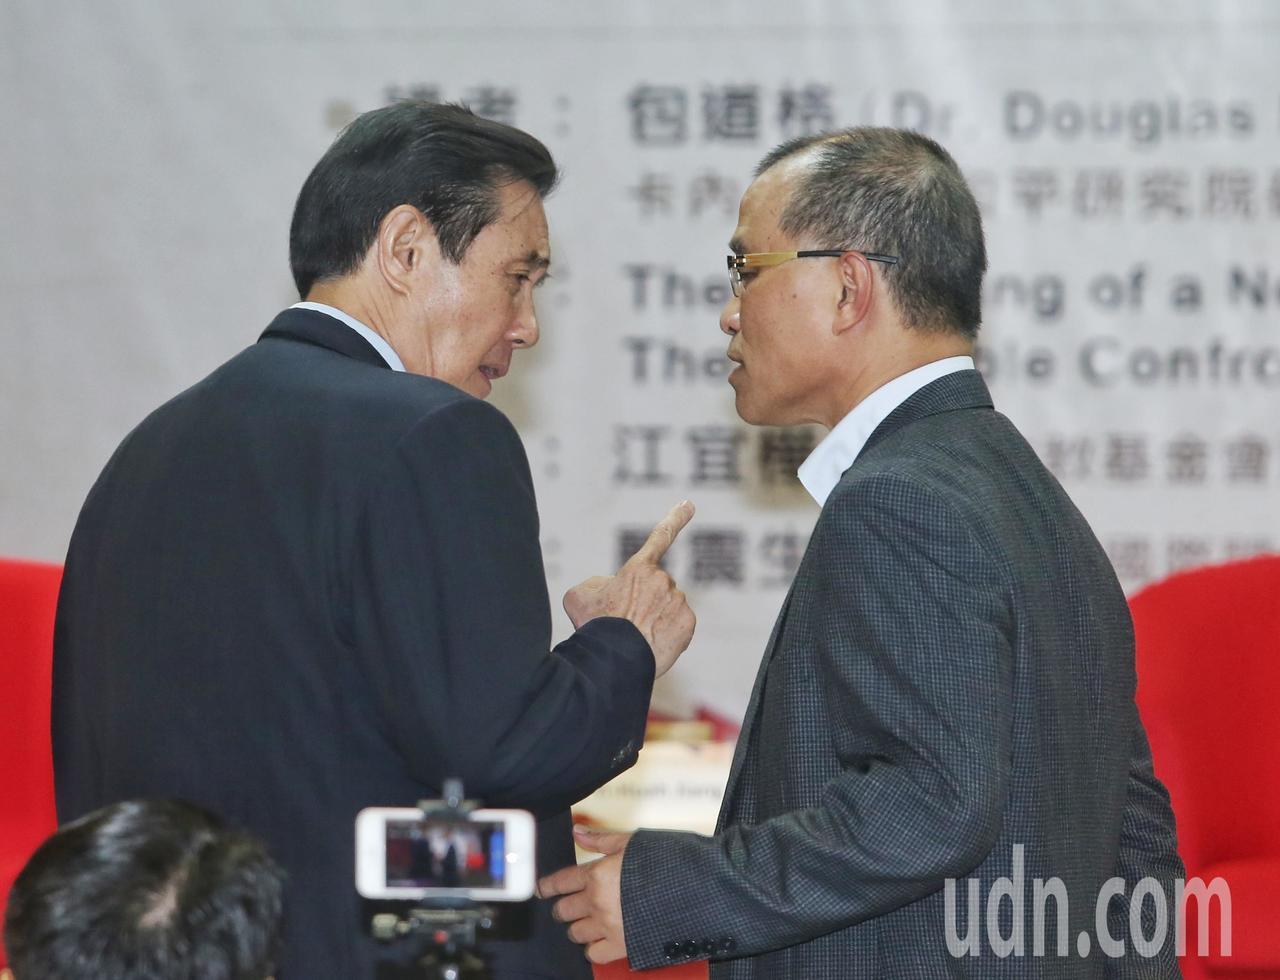 將接任高雄副市長的葉匡時(右)與前總統馬英九(左)上午一同出席演講活動,二人會前...